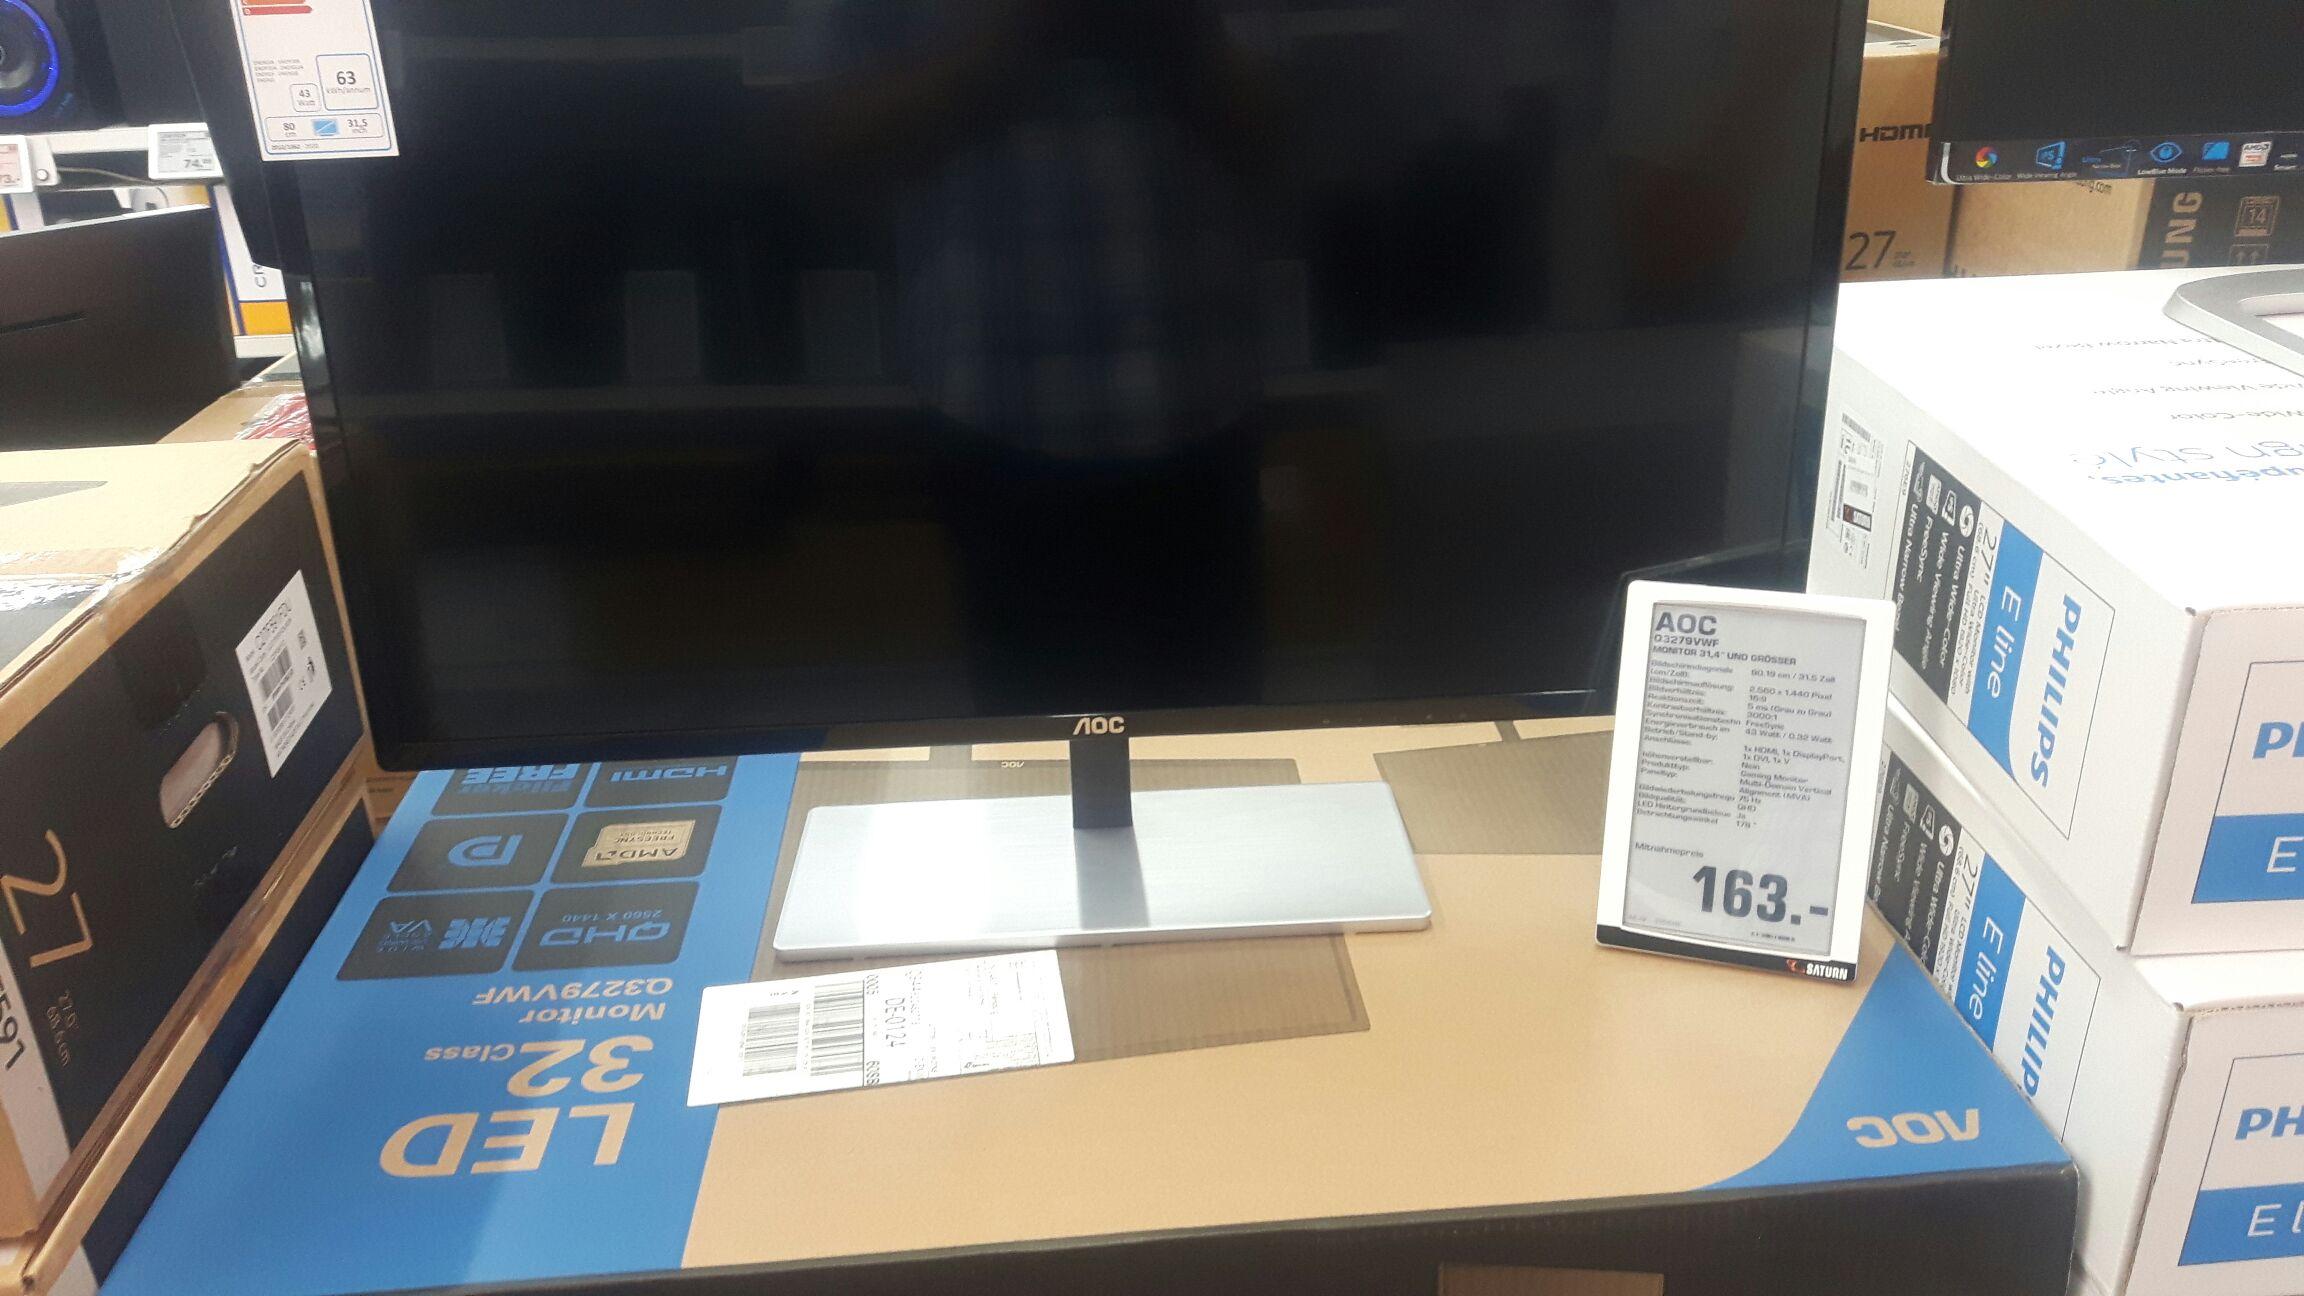 Lokal Saturn Flensburg: AOC Q3279VWF 80,01cm (31,5 Zoll) QHD Gaming-Monitor AMD FreeSync EEK:B